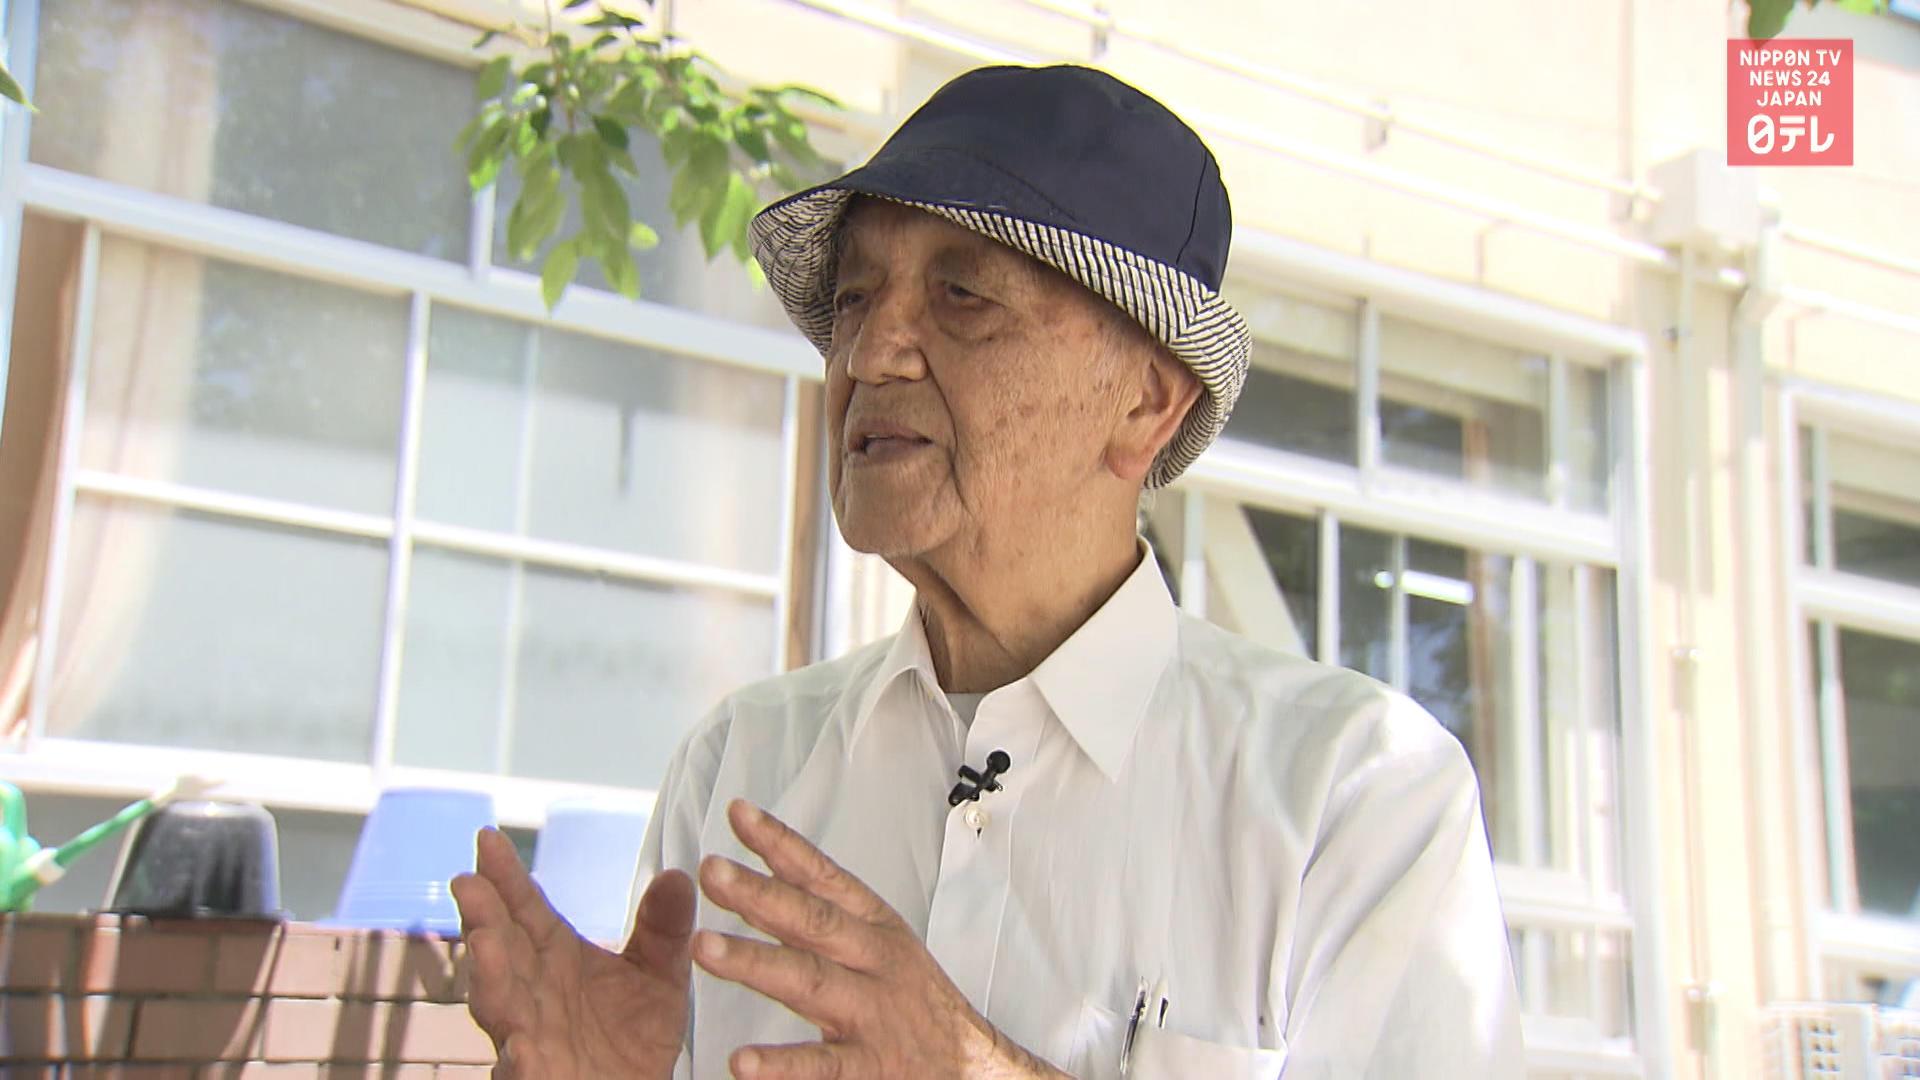 Oldest storyteller of Nagasaki atomic bombing goes global